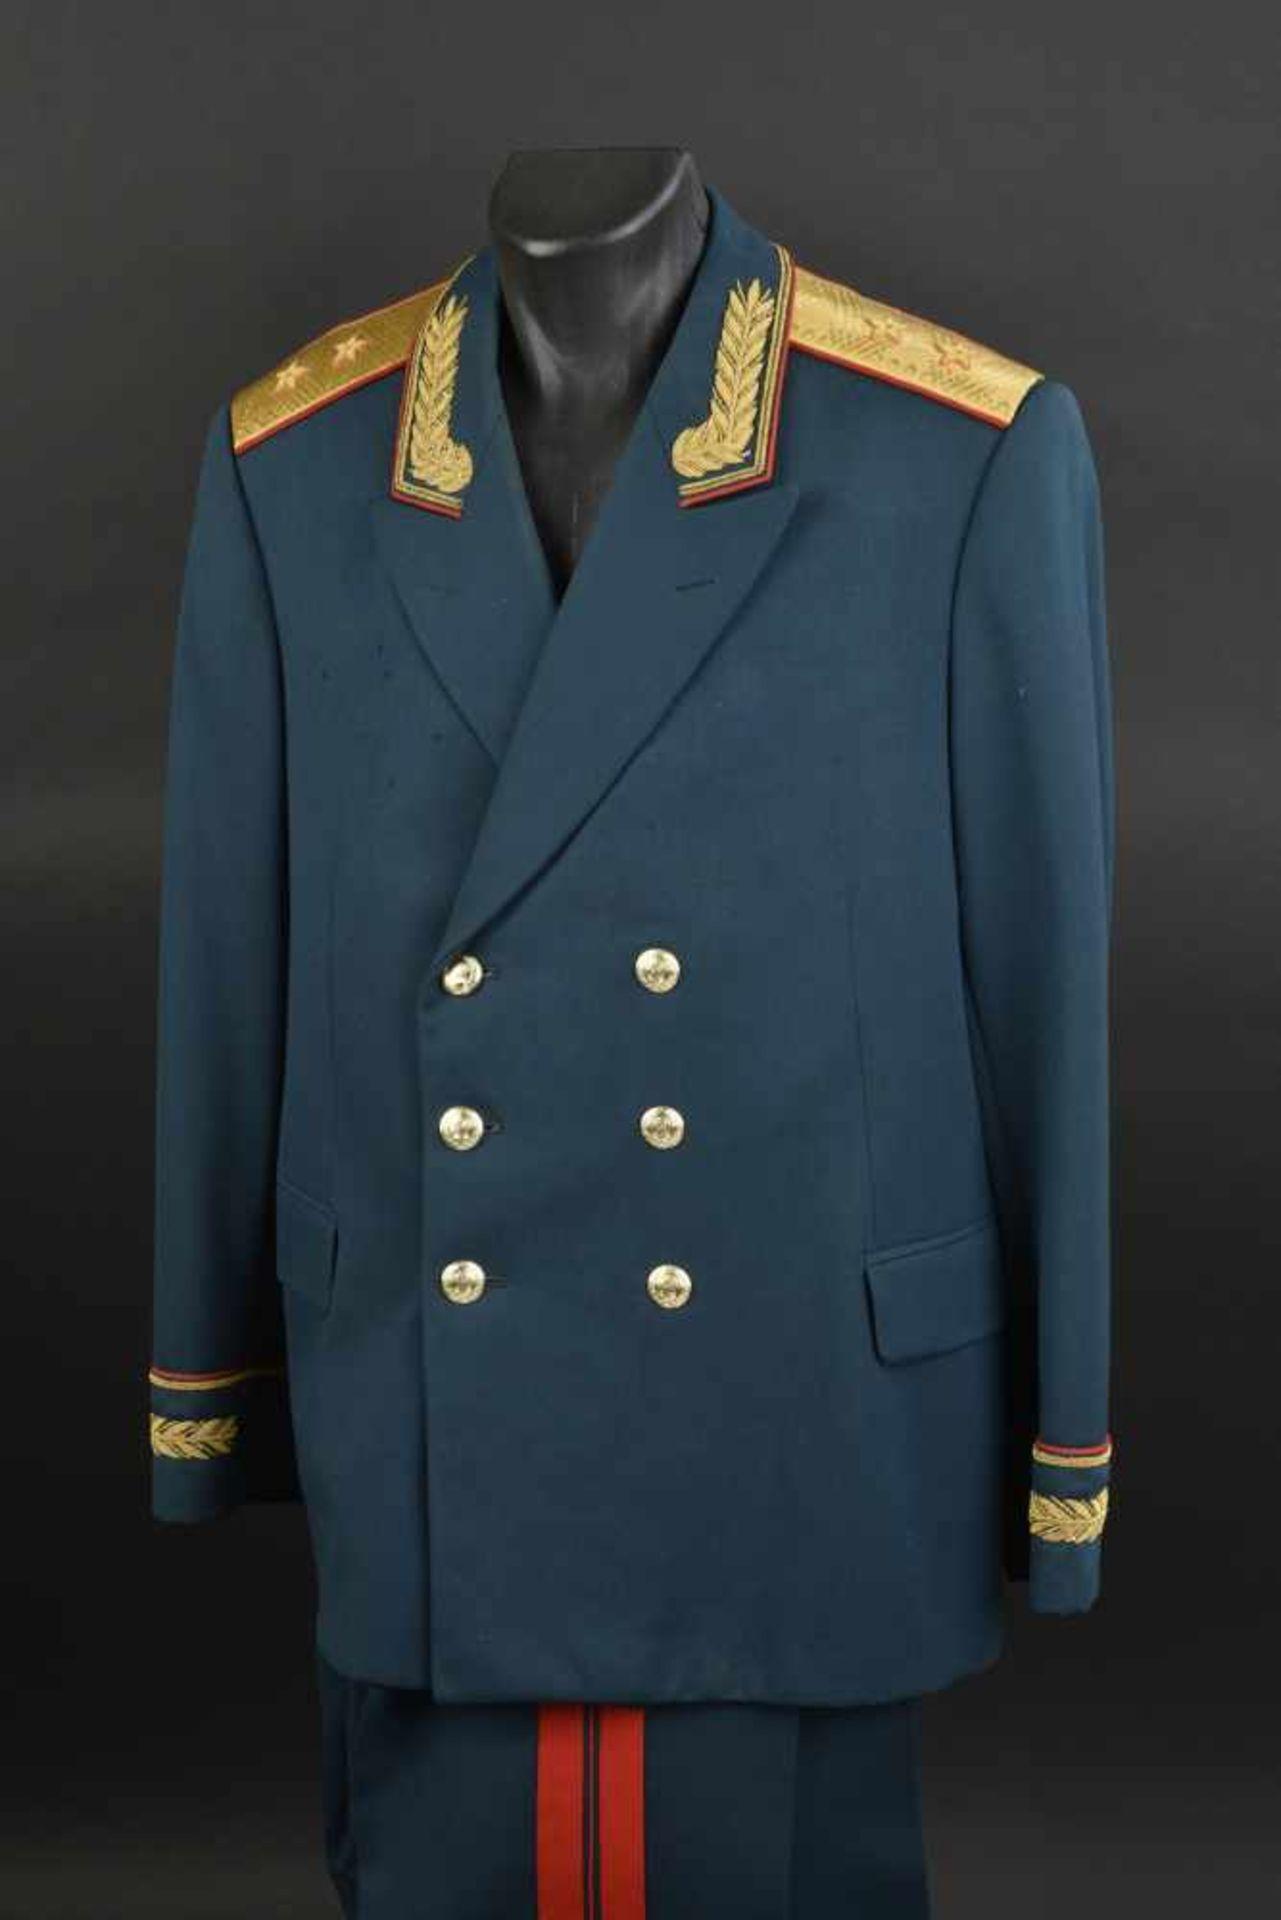 Los 47 - Uniforme de Lieutenant Général soviétique de 1967. En tissu vert foncé, grade de Lieutenant Général,